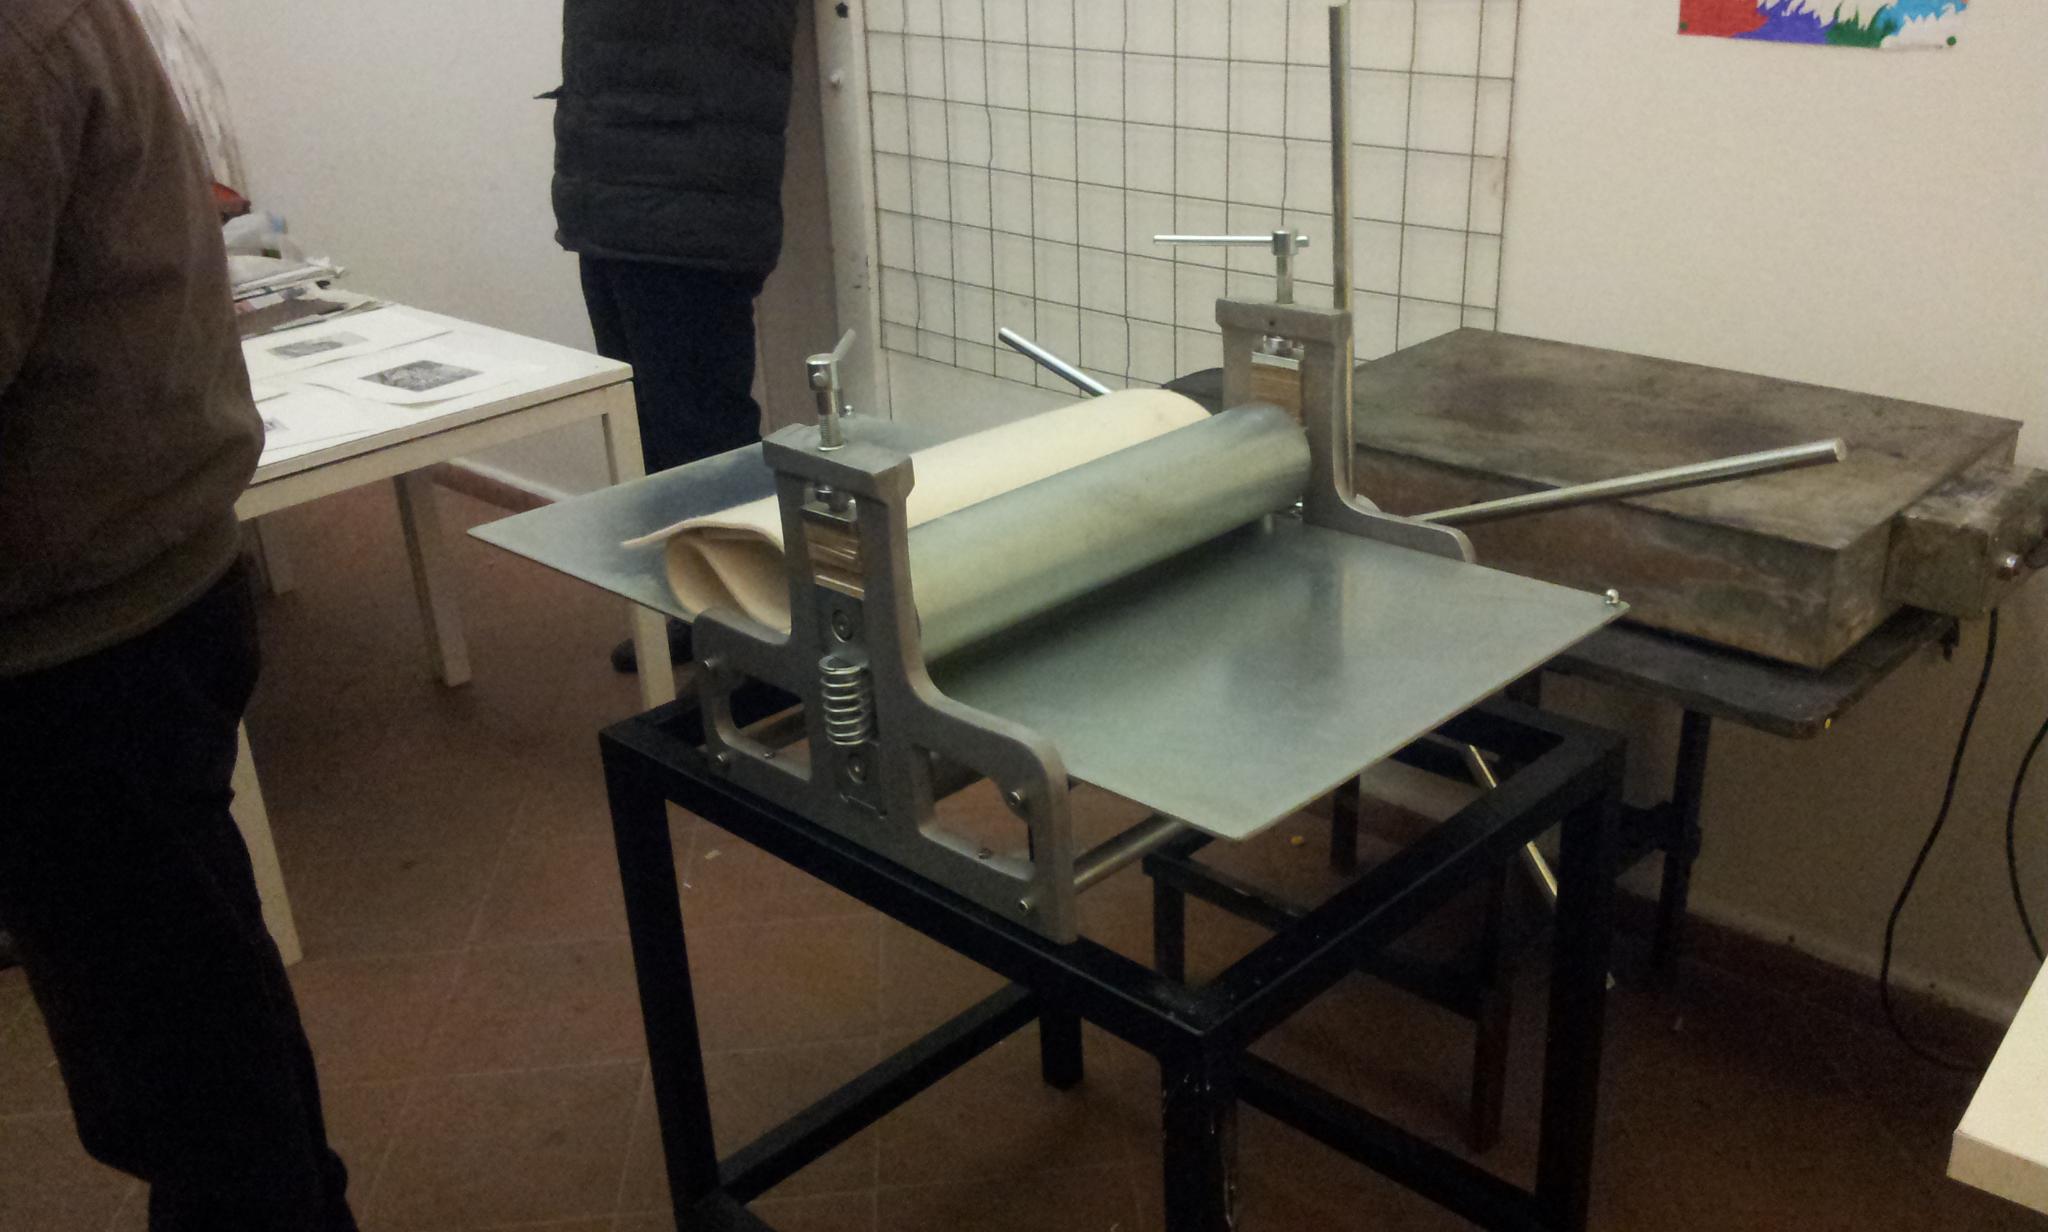 Matteo Ripa - Giornata studio - Presso calcografica